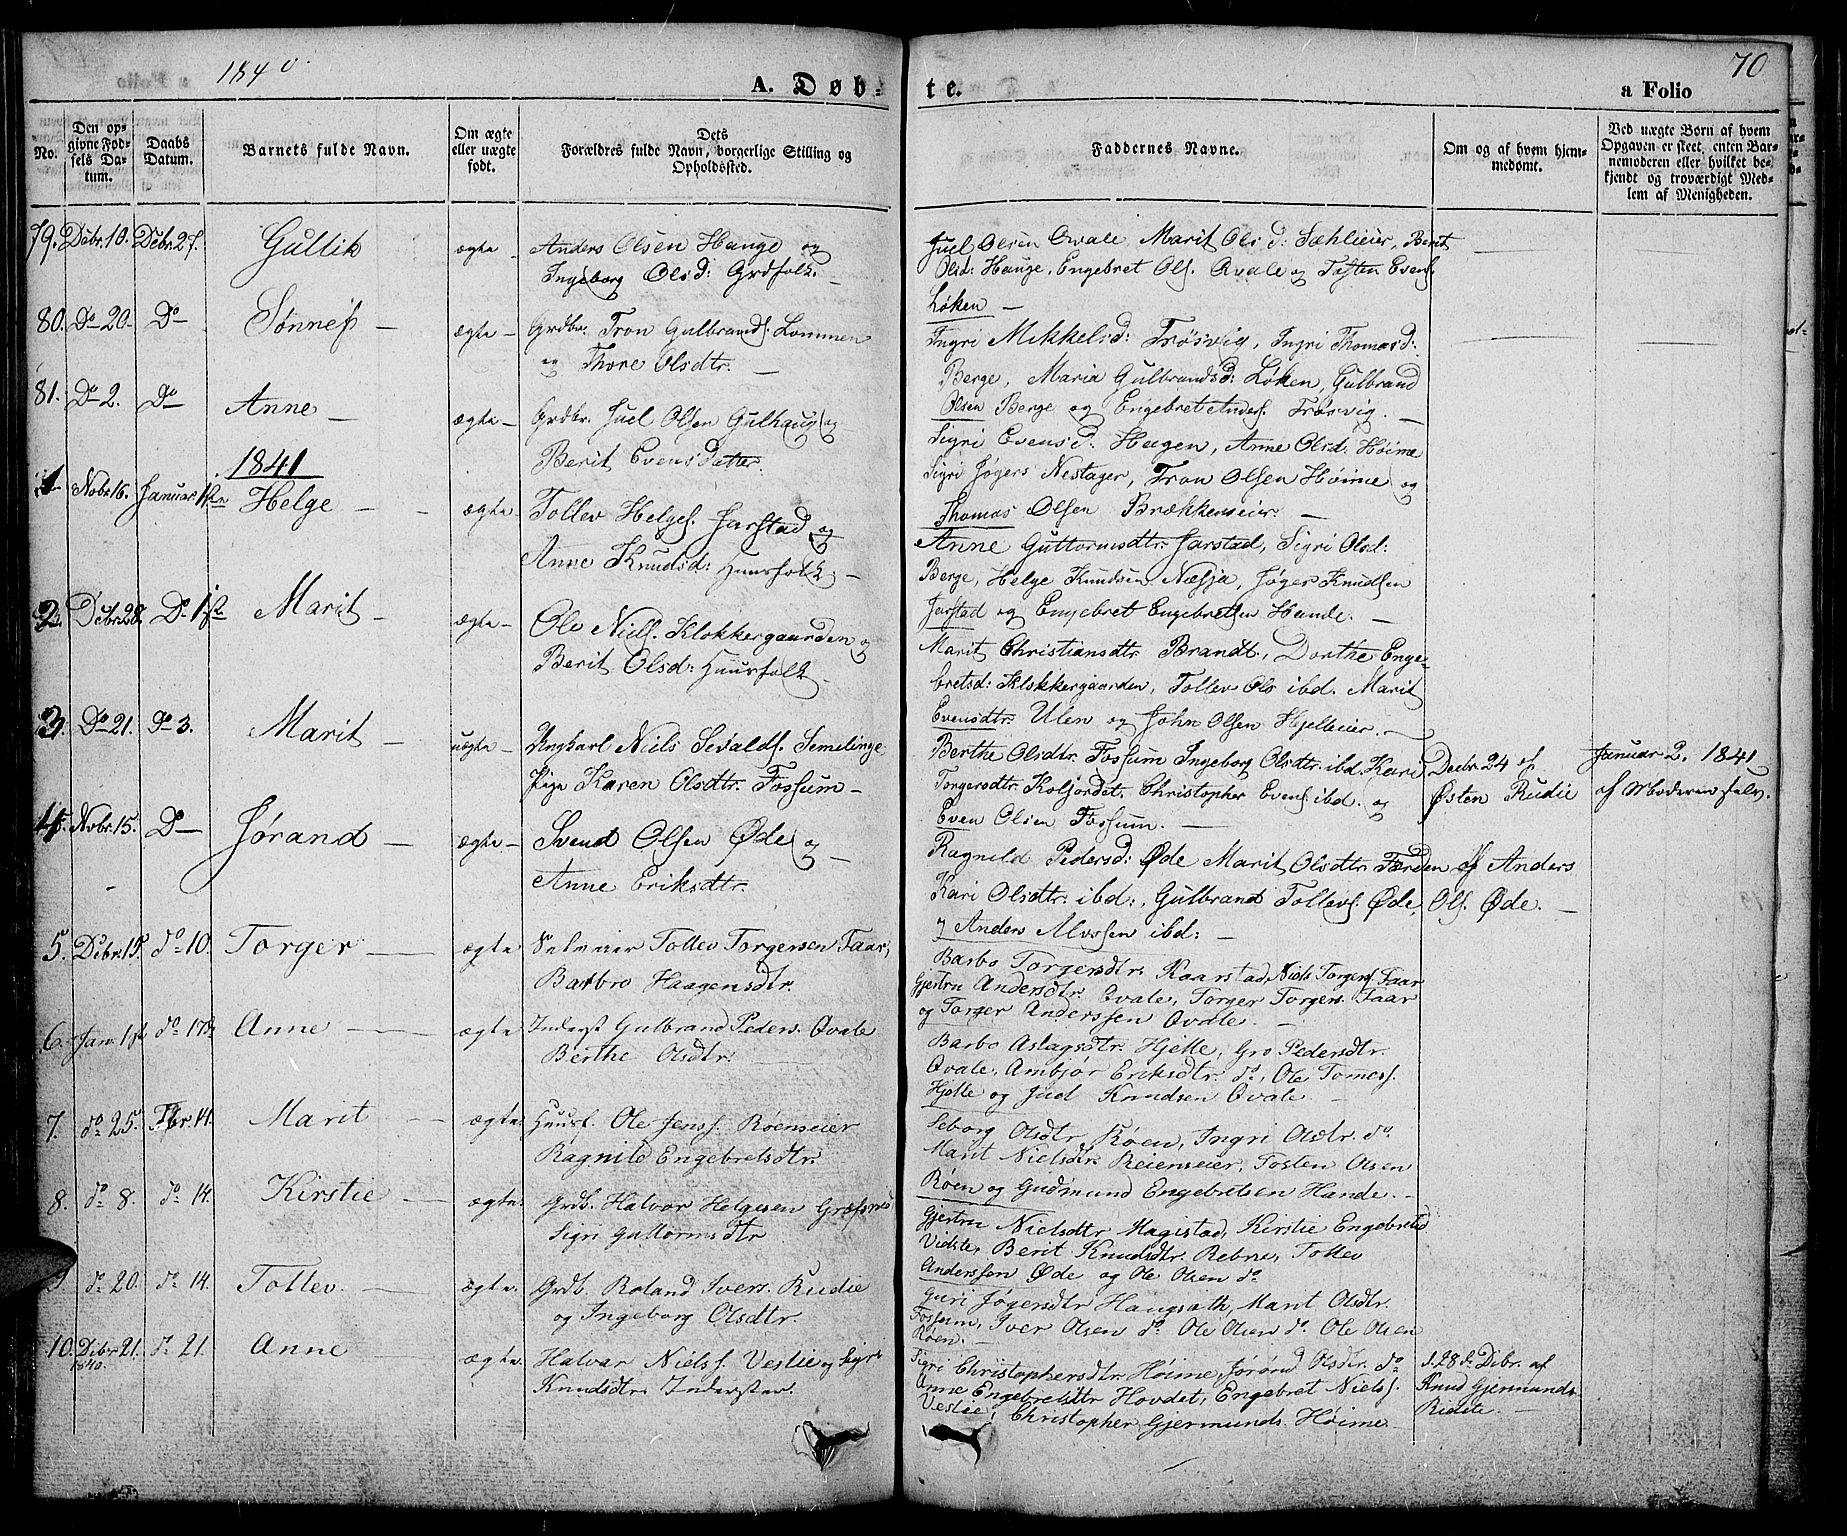 SAH, Slidre prestekontor, Ministerialbok nr. 3, 1831-1843, s. 70